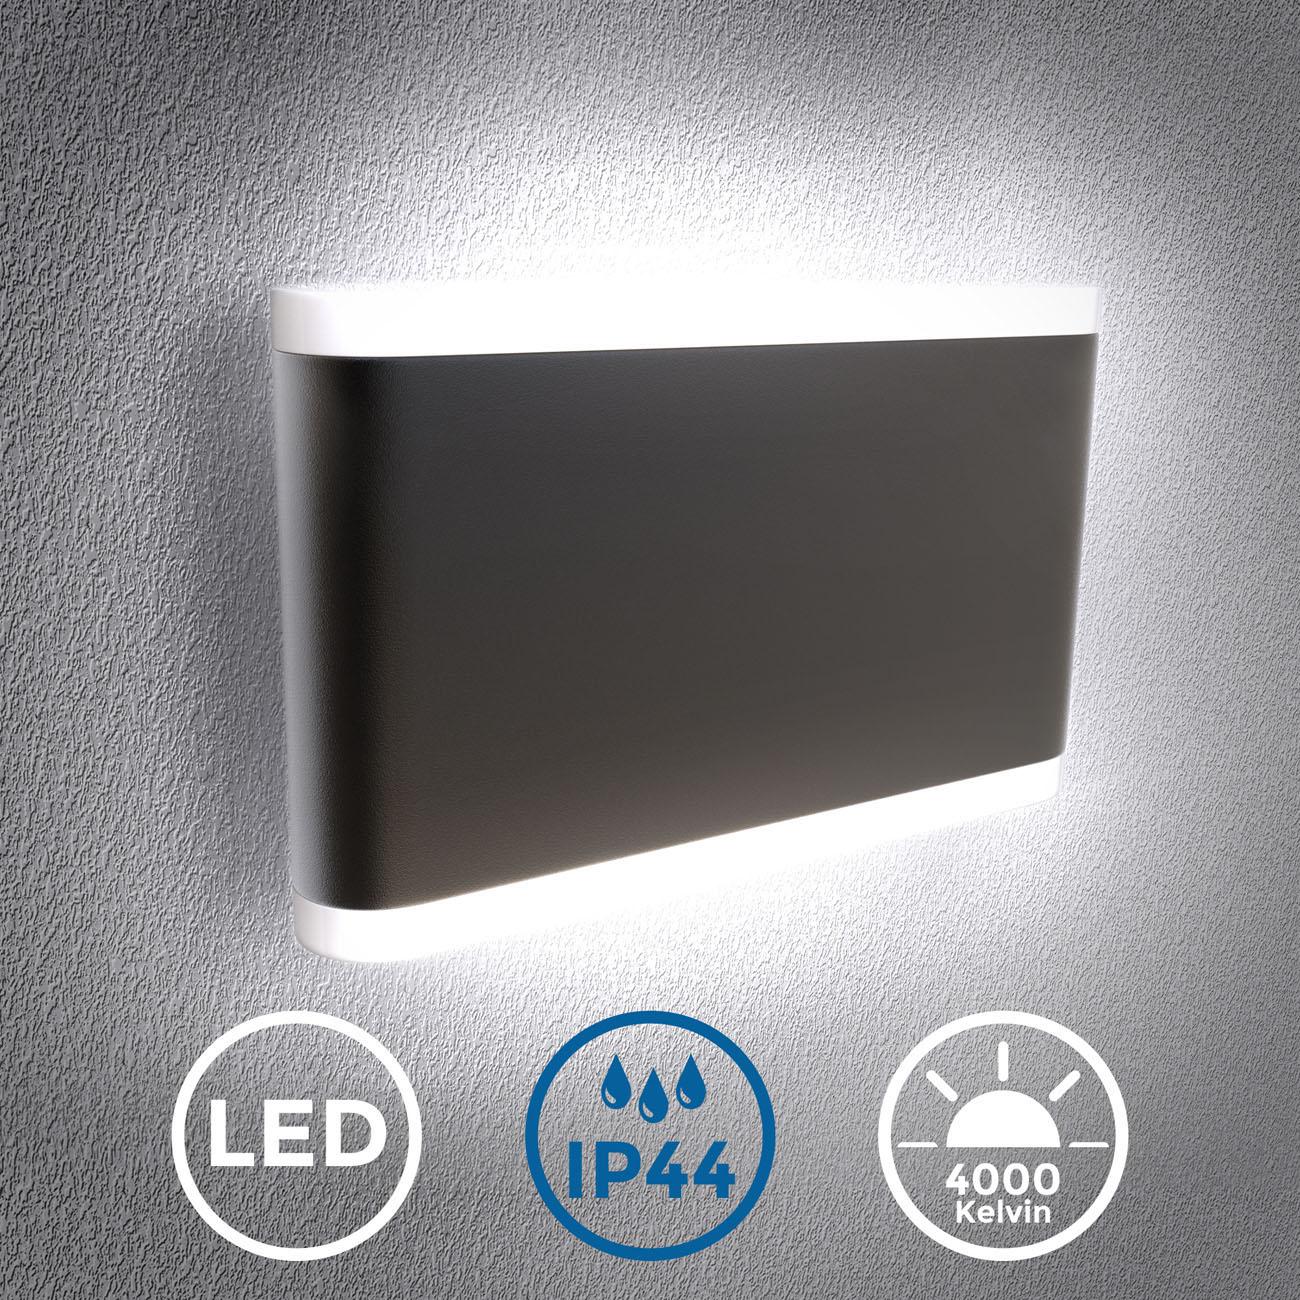 LED Außenleuchte 2-flammig schwarz IP44 - 3